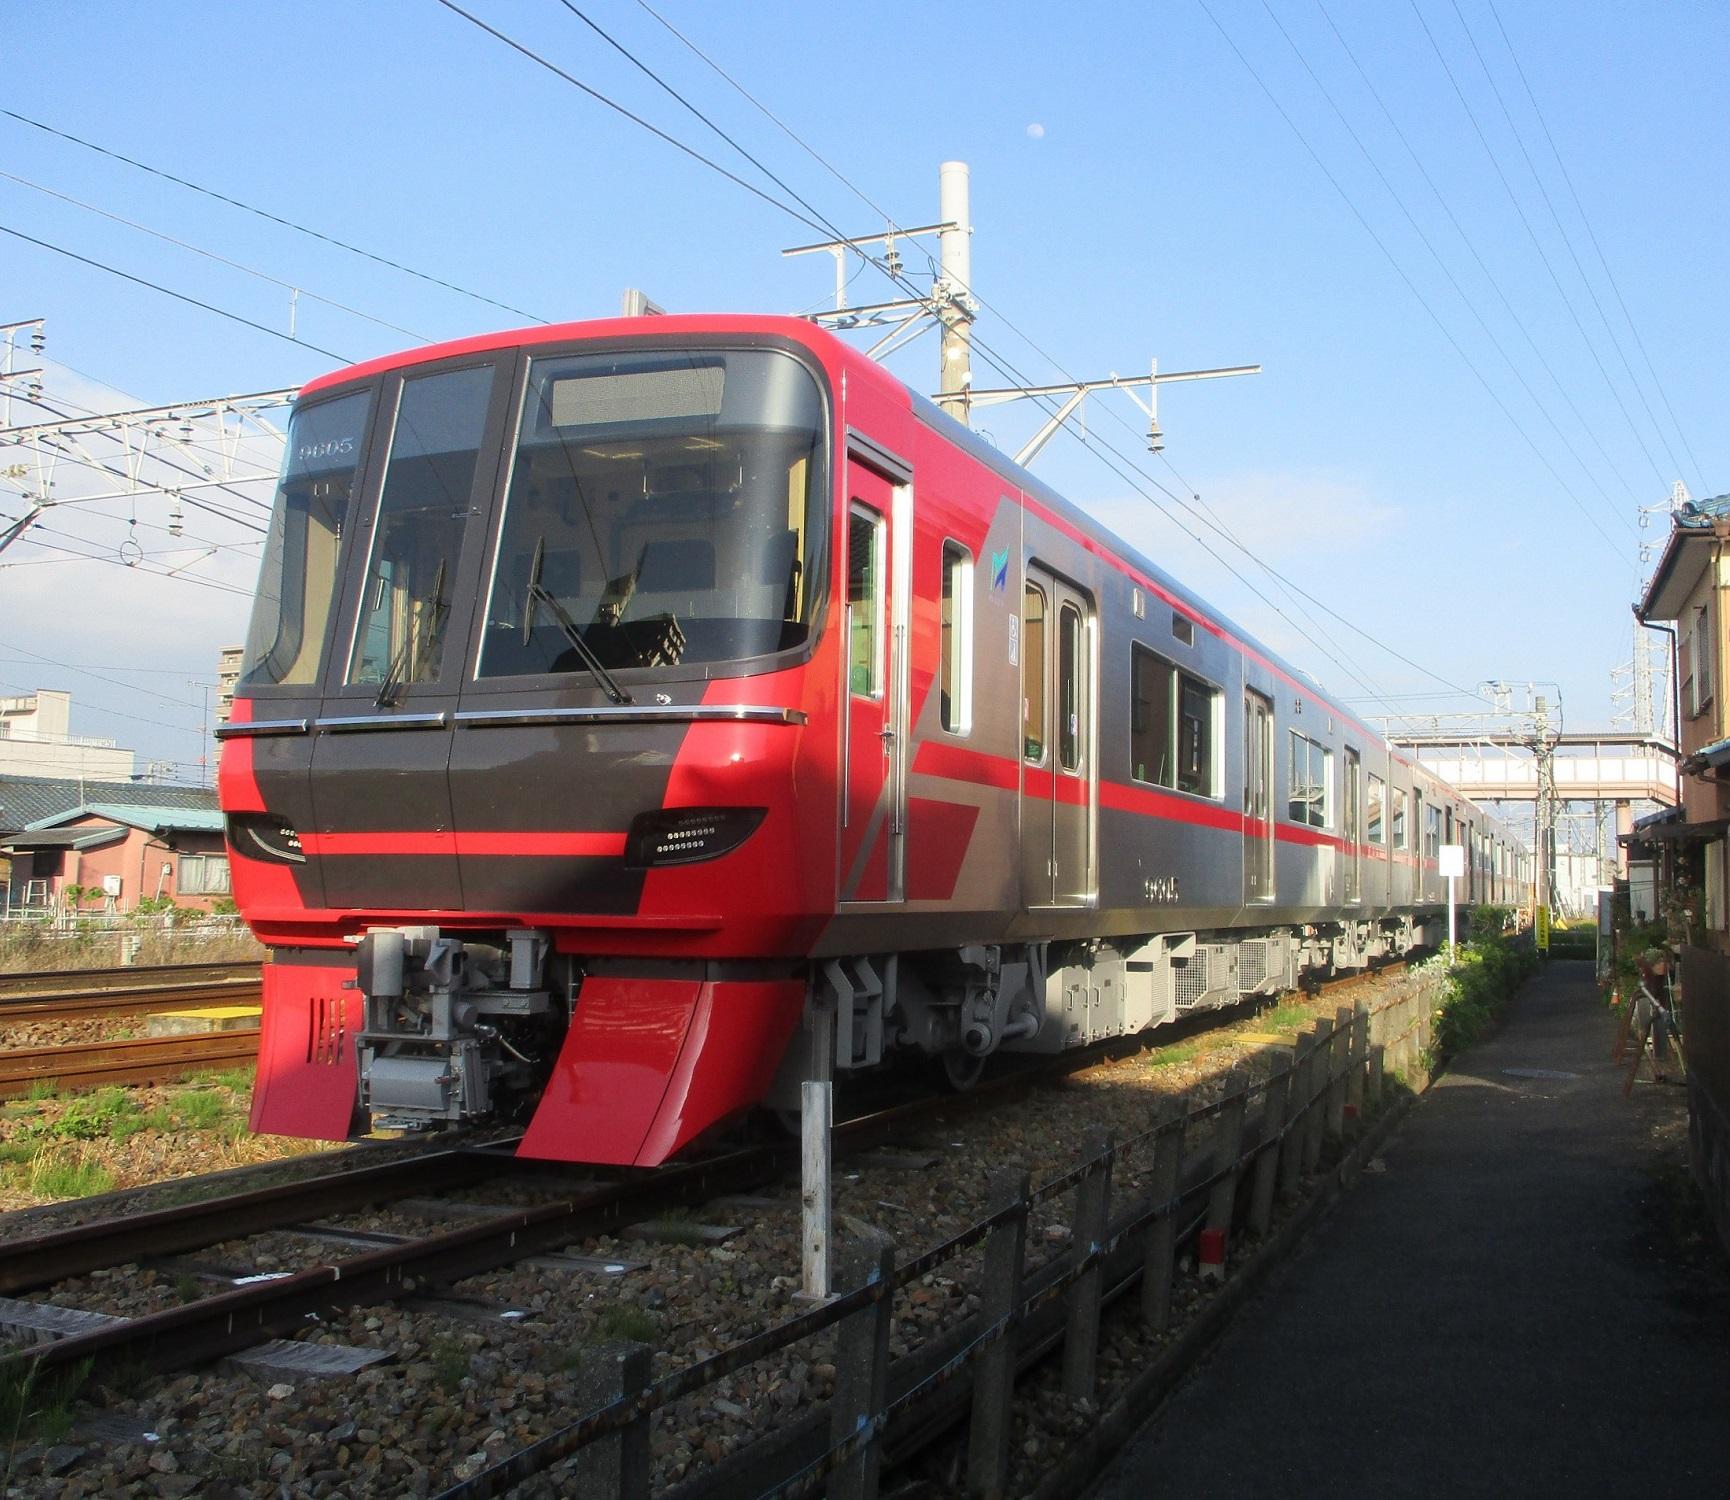 2020.5.4 (6) 矢作橋 - 9505編成 1730-1500